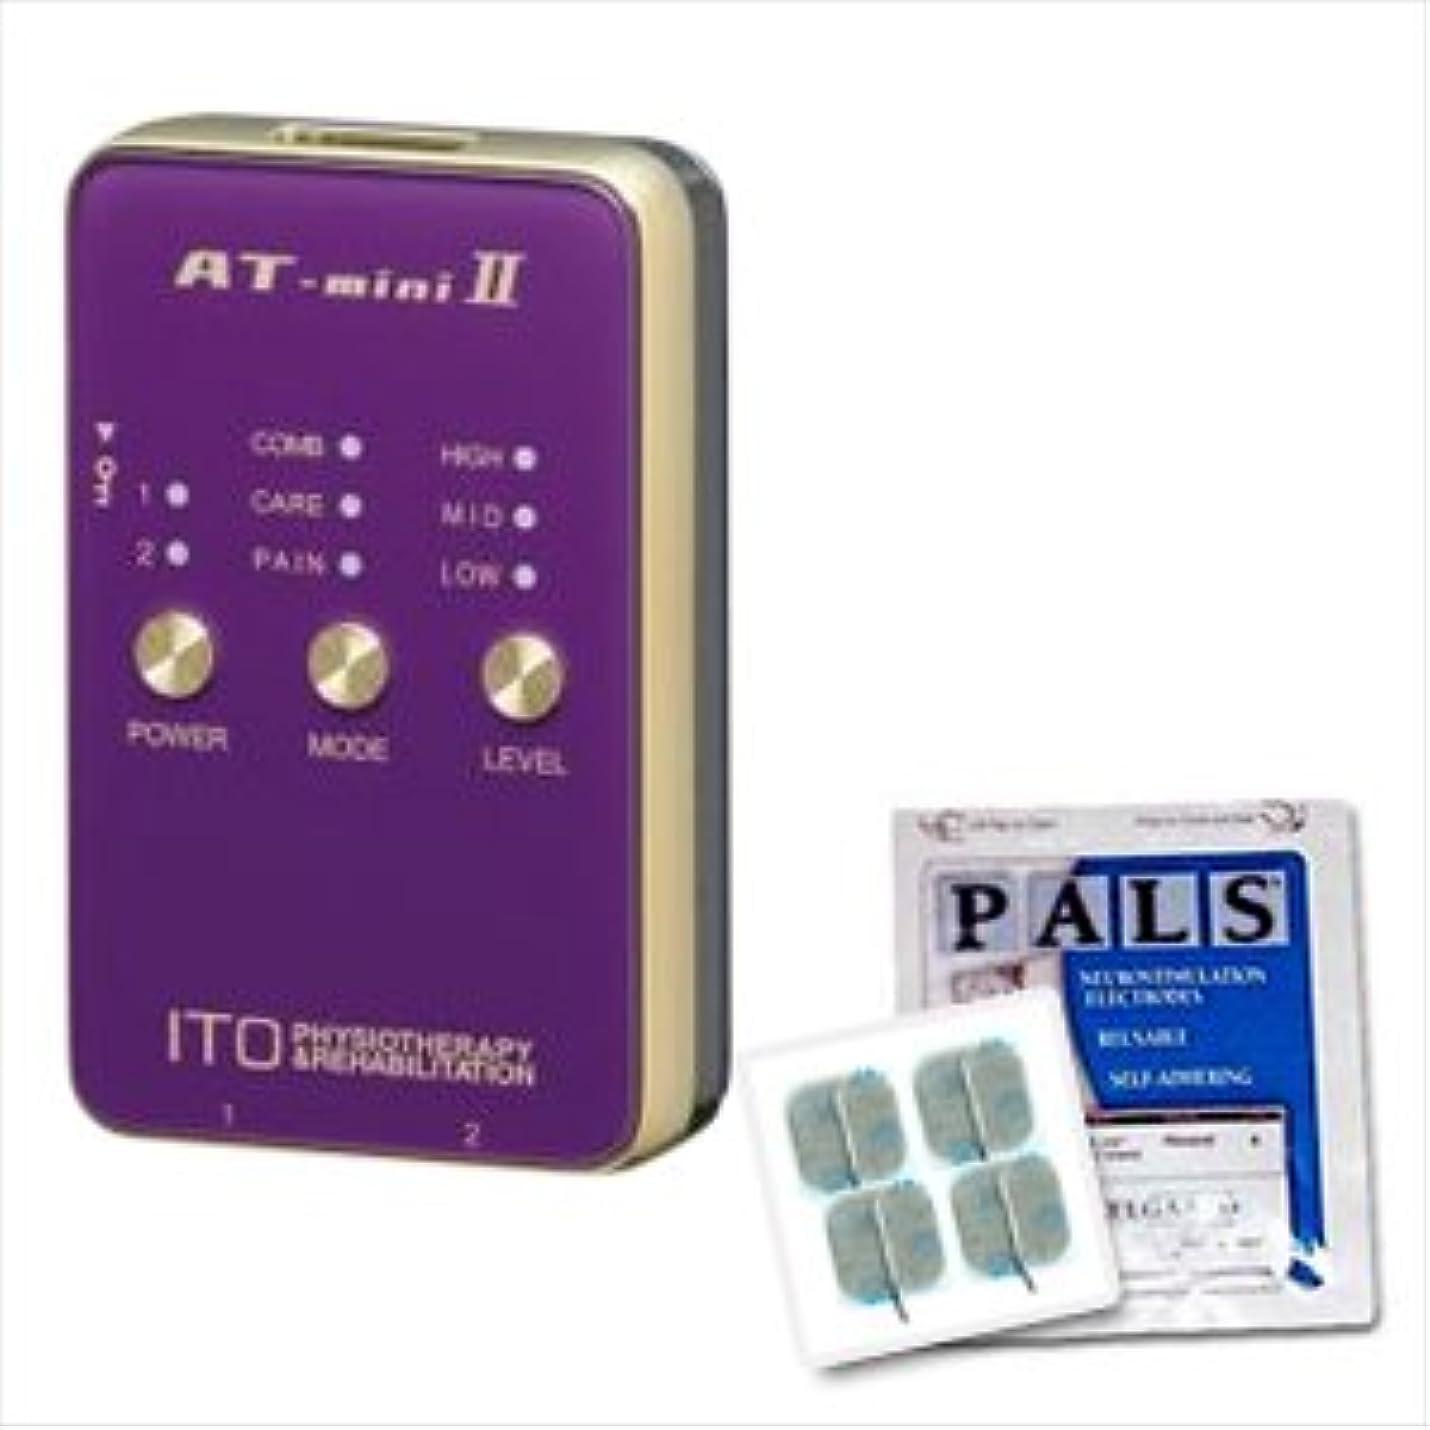 材料正規化毎週低周波治療器 AT-mini II パープル +アクセルガードMサイズ(5x5cm:1袋4枚入)セット